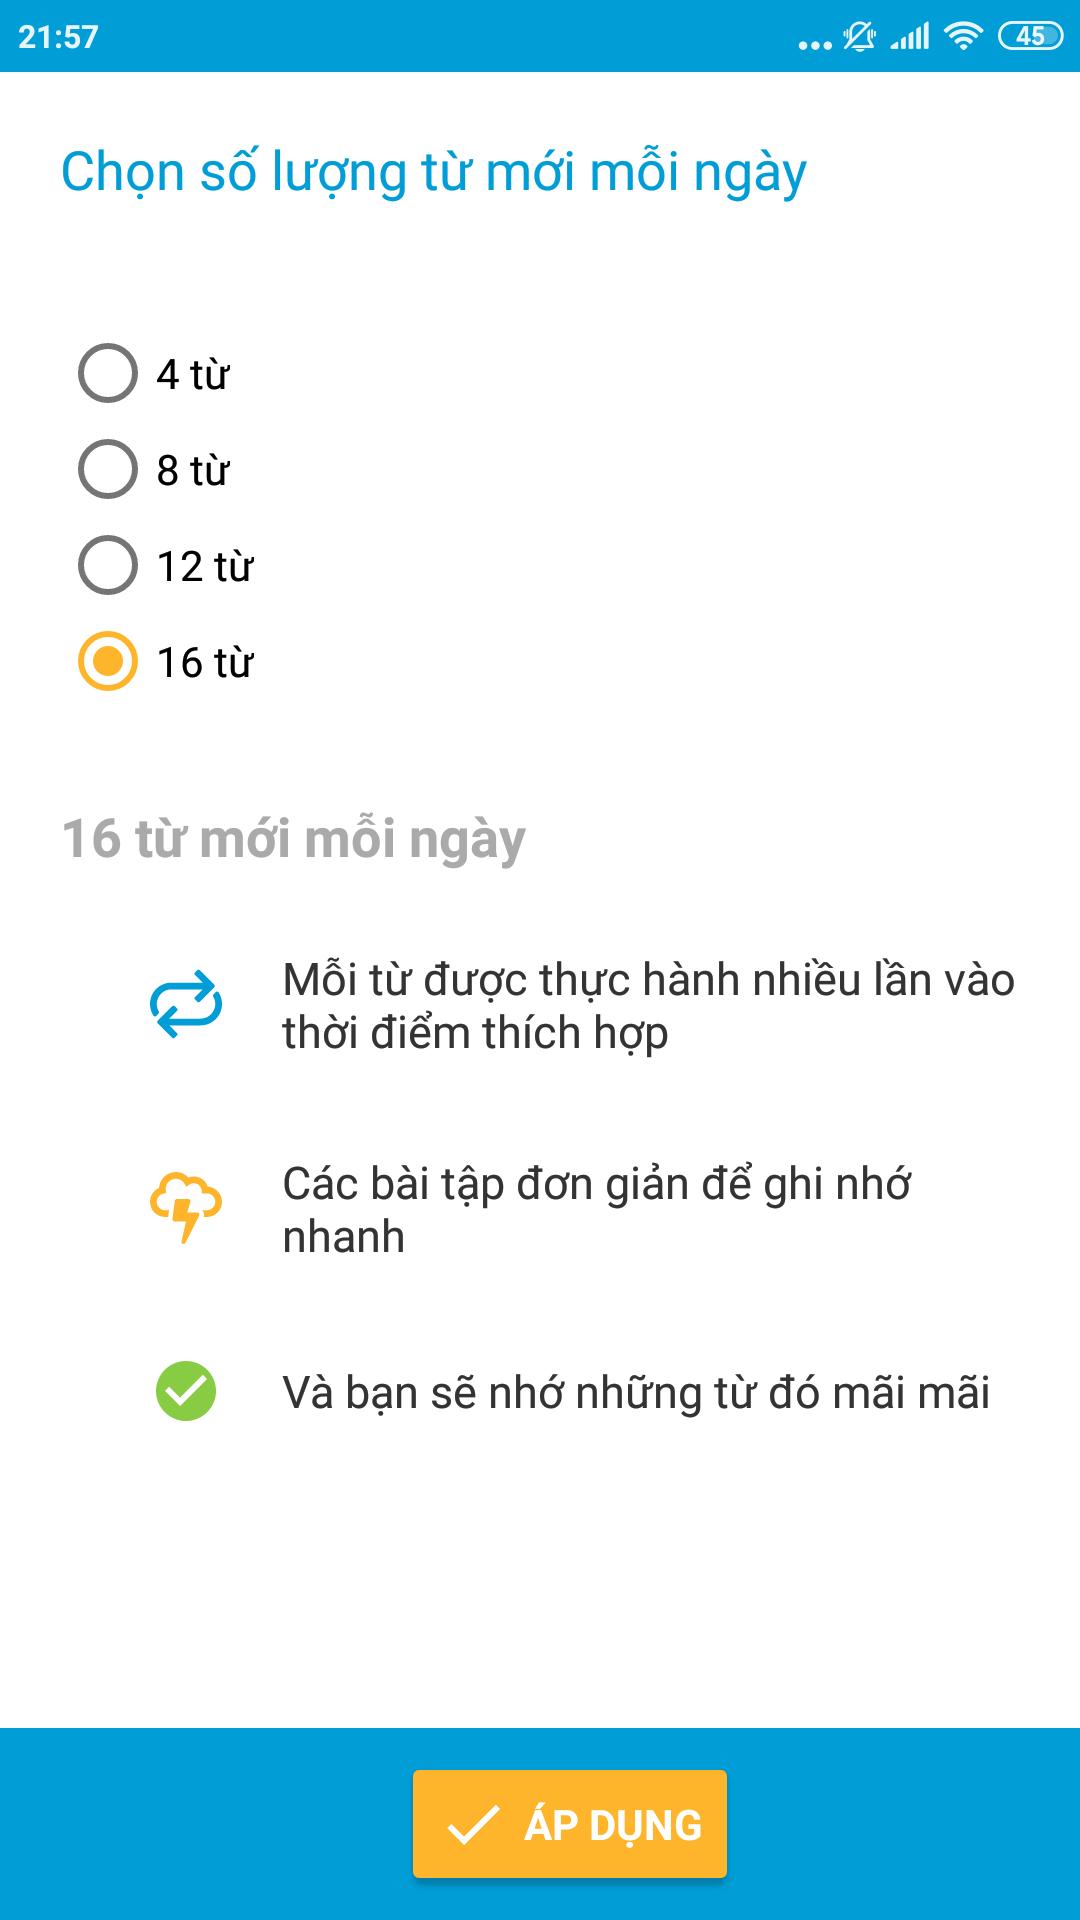 Học từ vựng tiếng Trung siêu tốc (5)